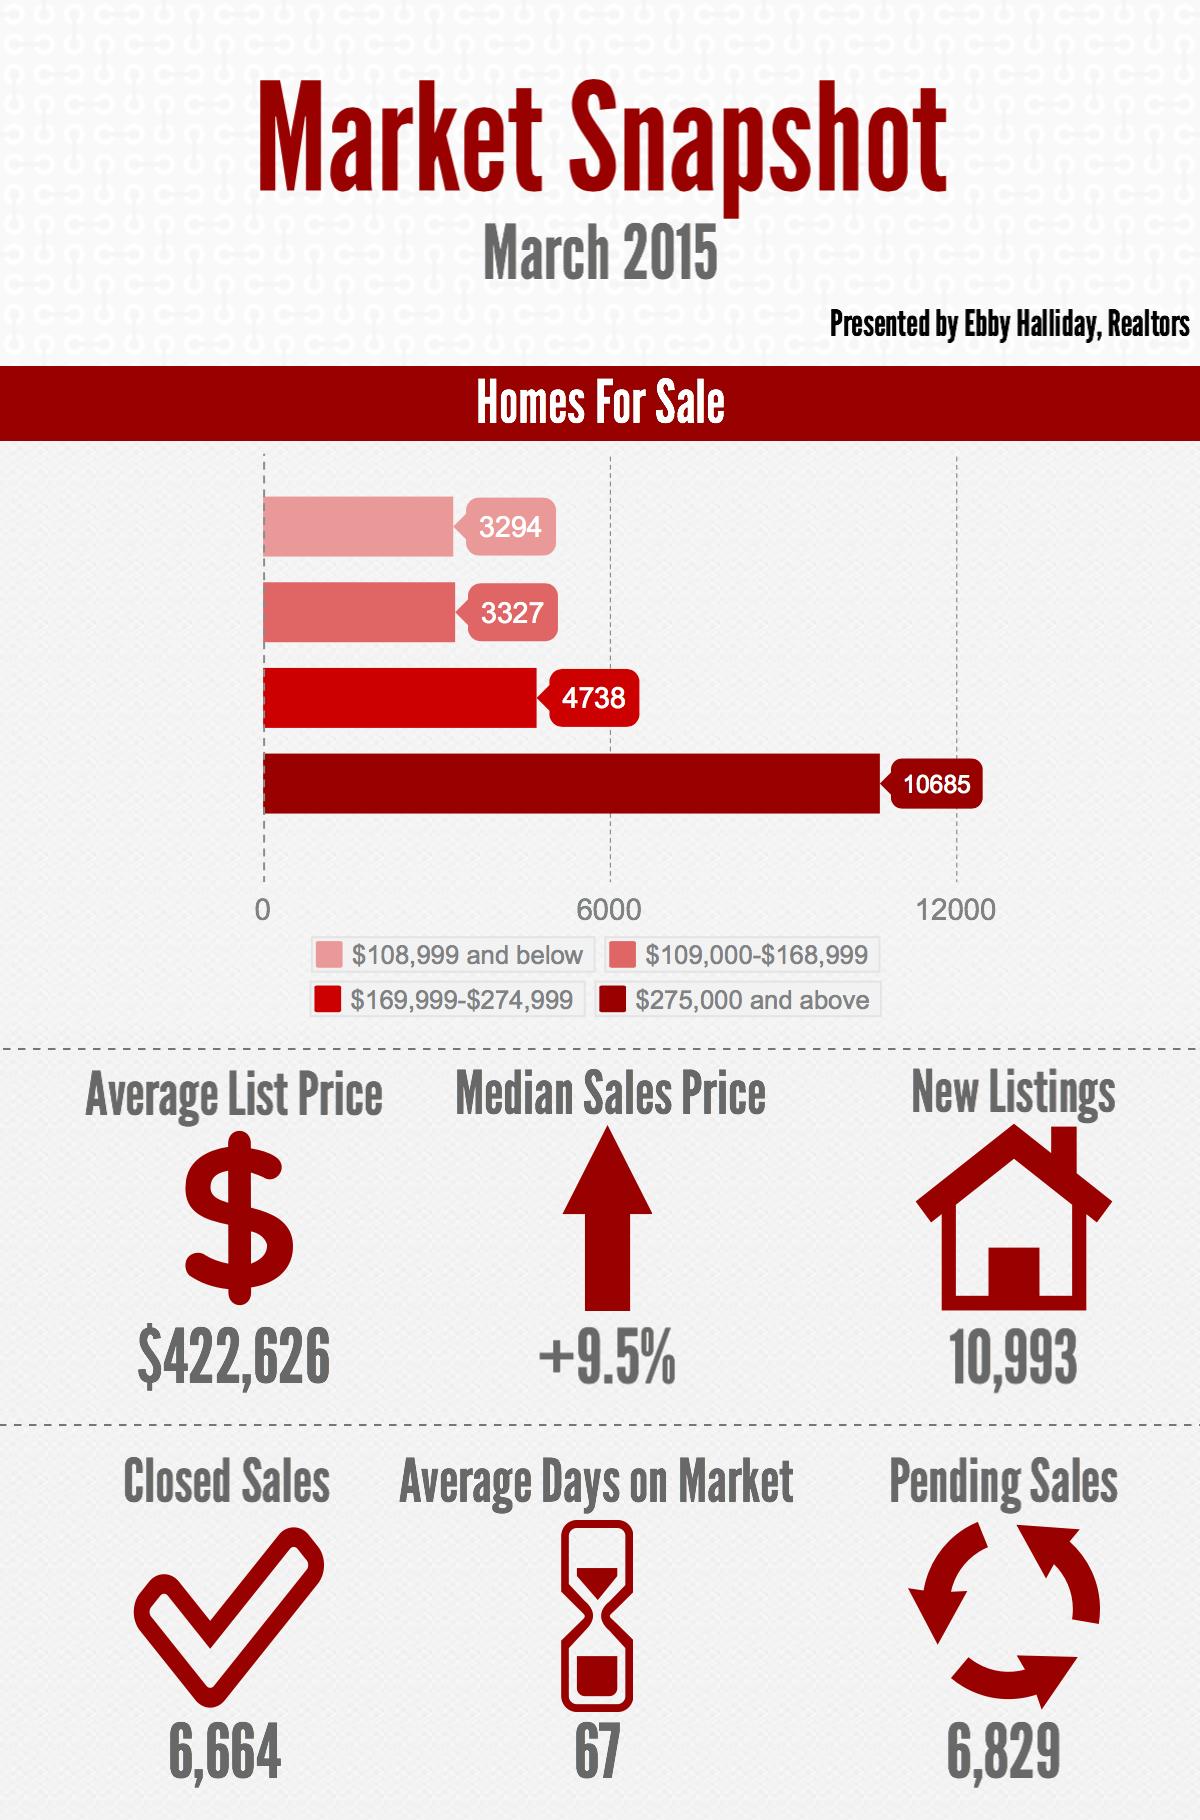 Market Snapshot: March 2015